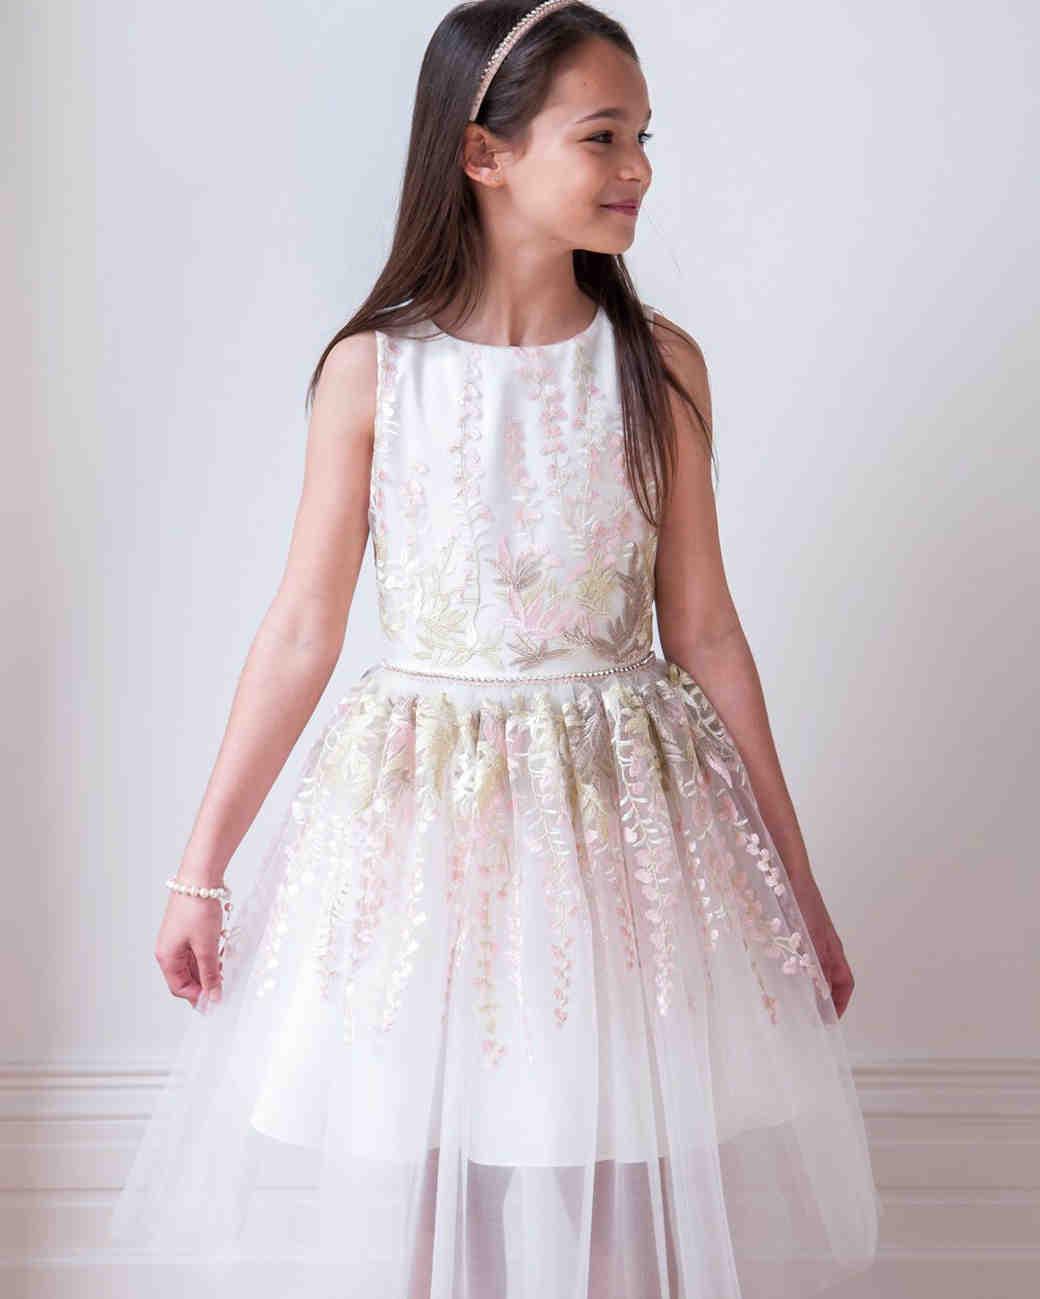 e6c6f5174 Our Favorite Sleeveless Flower Girl Dresses | Martha Stewart Weddings